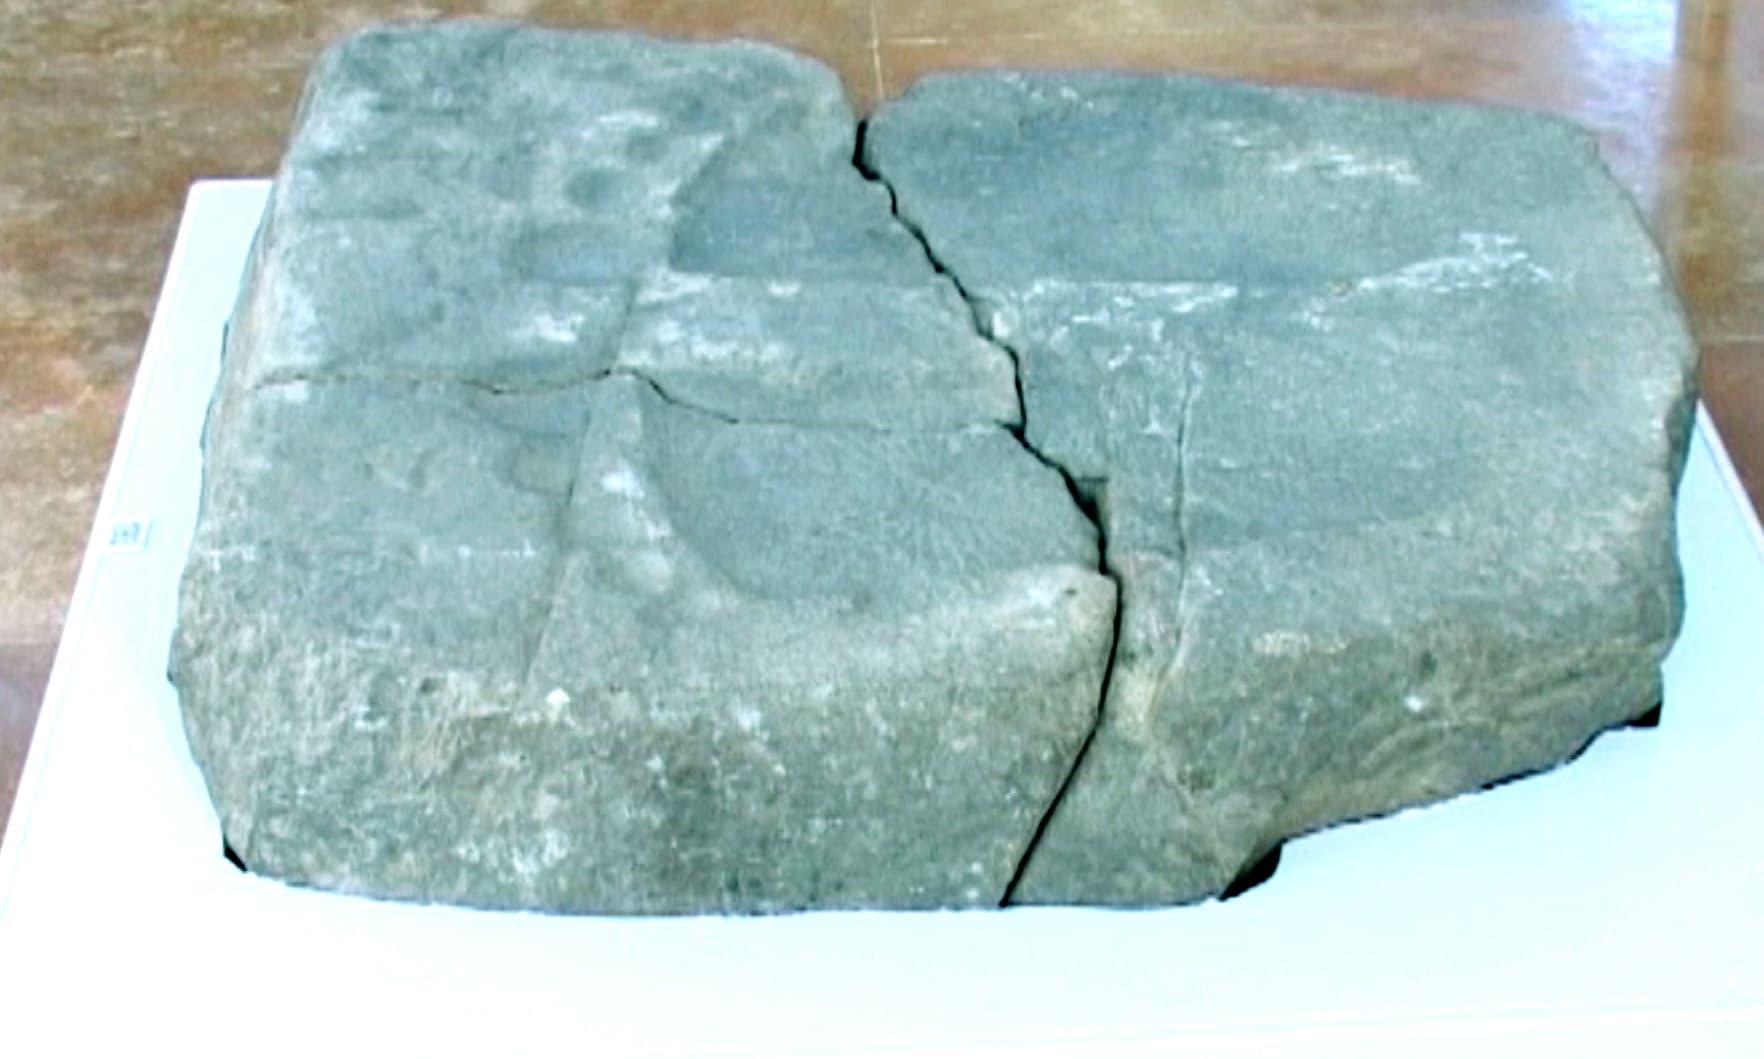 وہ پتھر جس پر بدھ مت مذہب ماننے والوں کے عقیدے کے مطابق گوتم بدھ کے پاؤں کے نشان ہیں—تصویر امجد علی سحاب